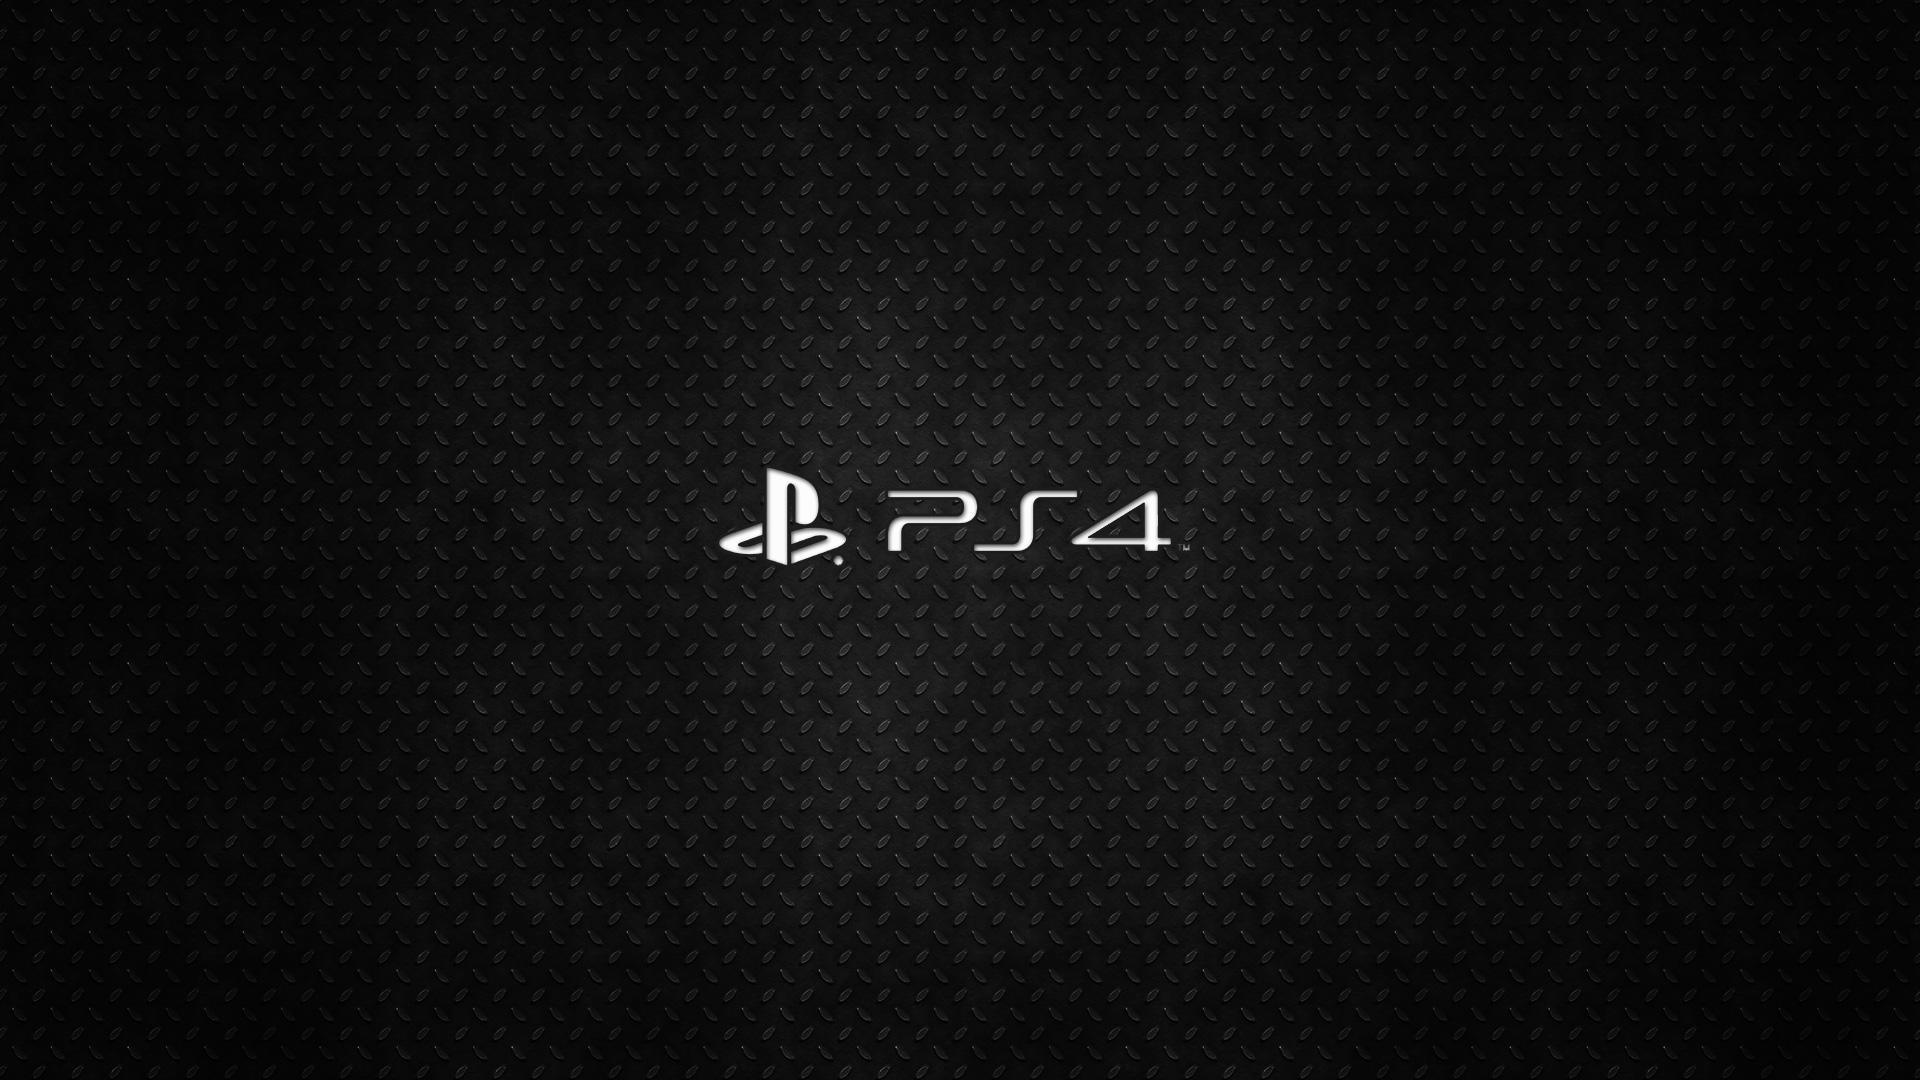 Playstation 4 Wallpaper